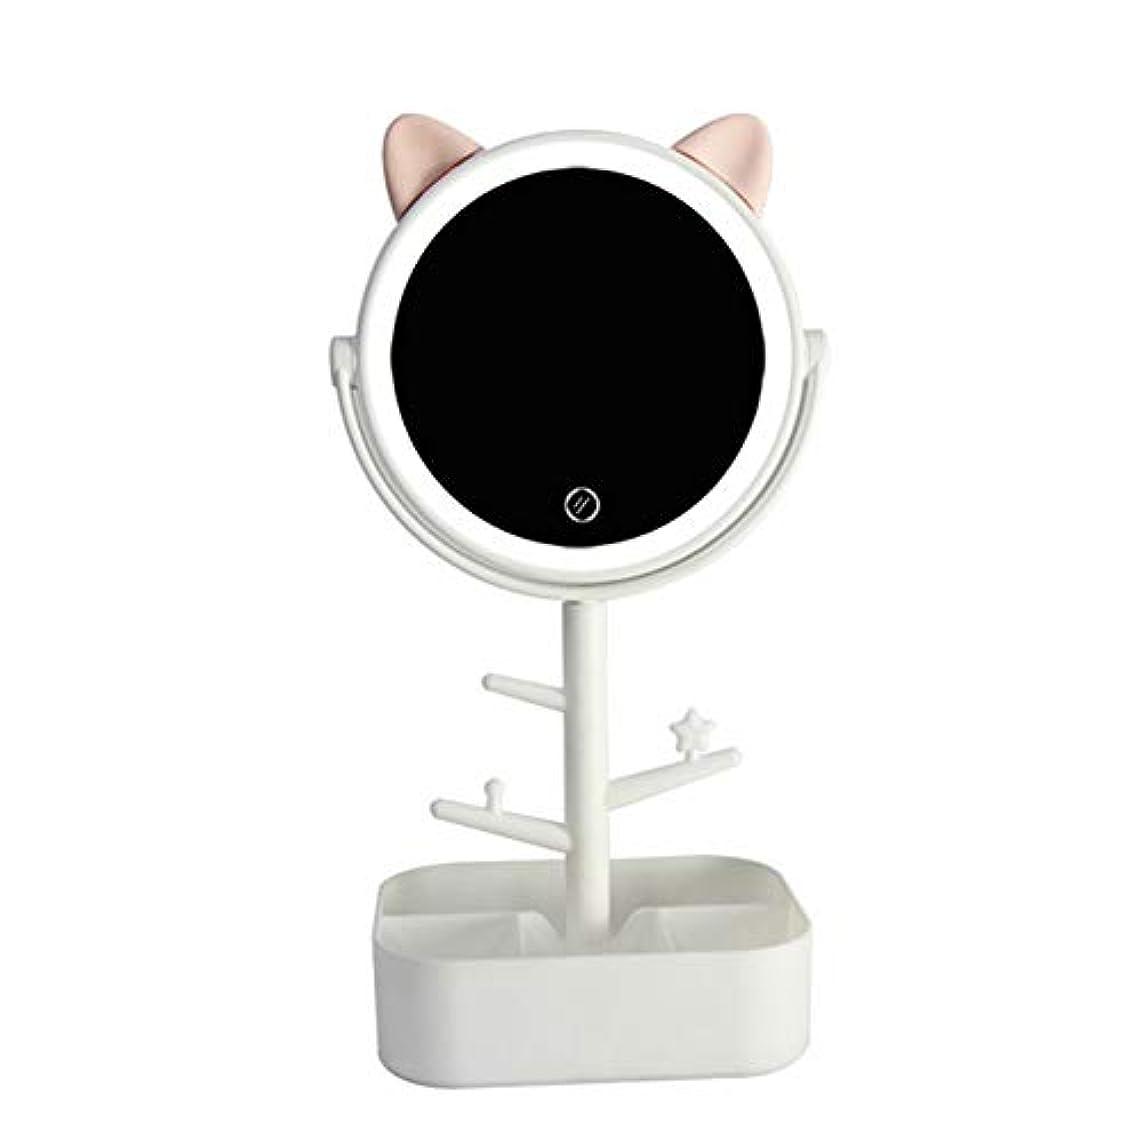 殺しますぬるいラベンダーOutpicker LED化粧鏡 USB女優ミラー 卓上ミラー ライト付きミラー 角度調整可 スタンドミラー メイク かがみ化粧道具 円型 可収納 USB給電 (猫ー白)